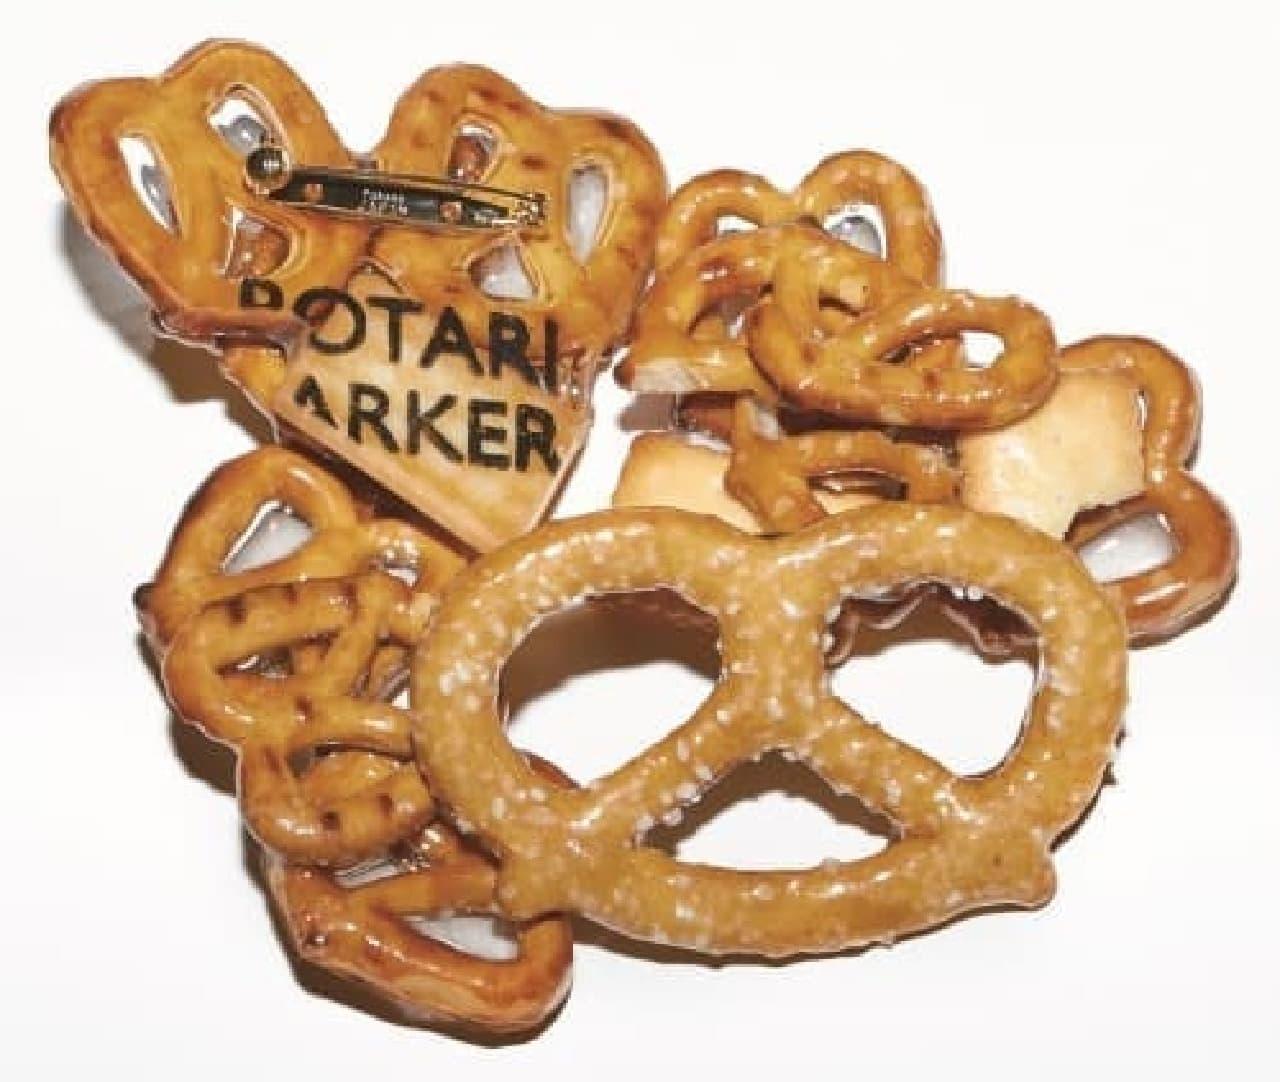 本物のお菓子を使ったアクセサリーブランド「ロタリ パーカー」